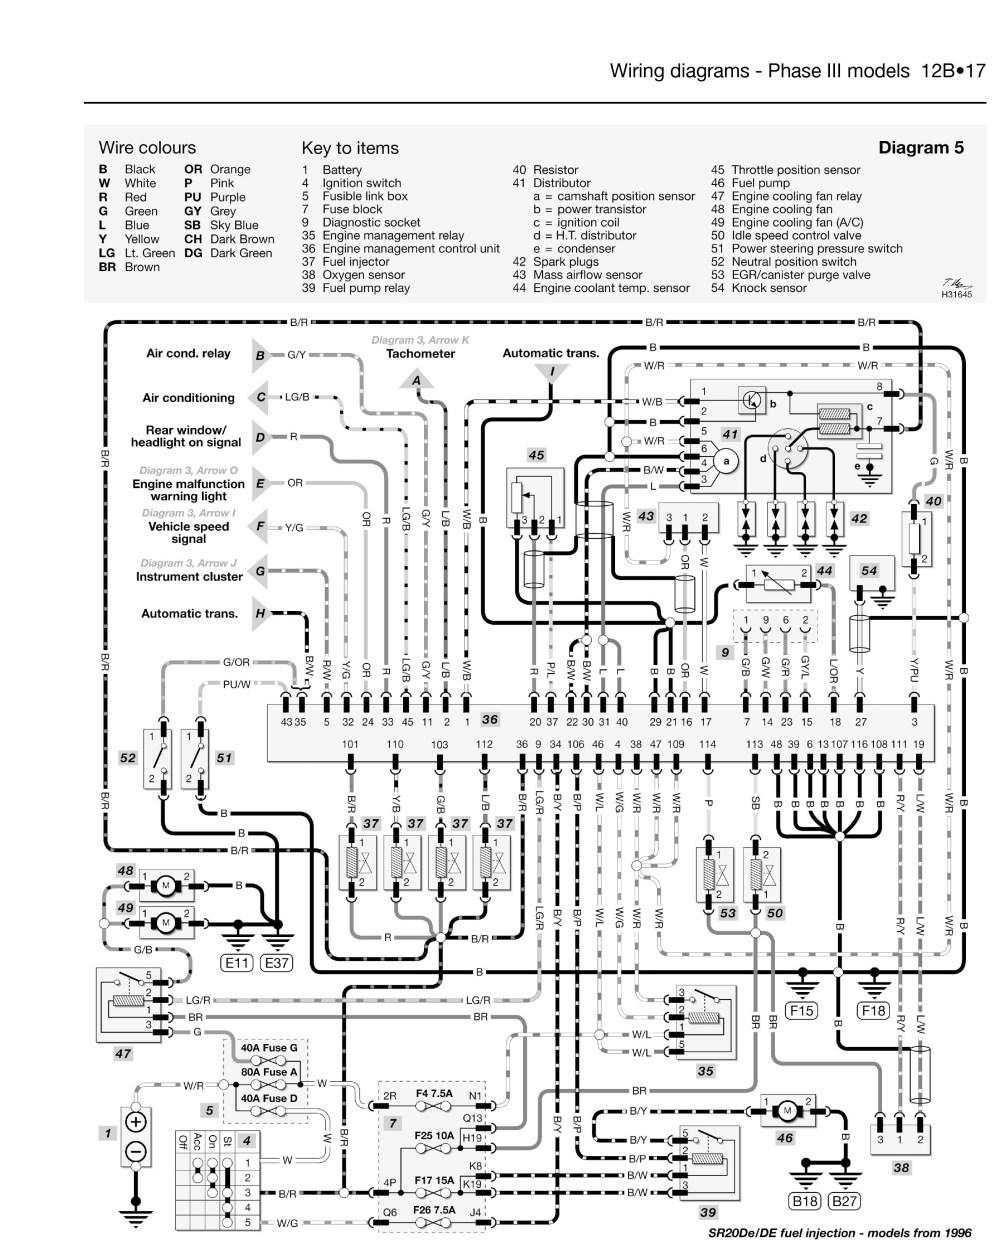 medium resolution of nissan primera wiring diagram manual wiring diagram data nissan primera wiring diagram nissan primera wiring diagram